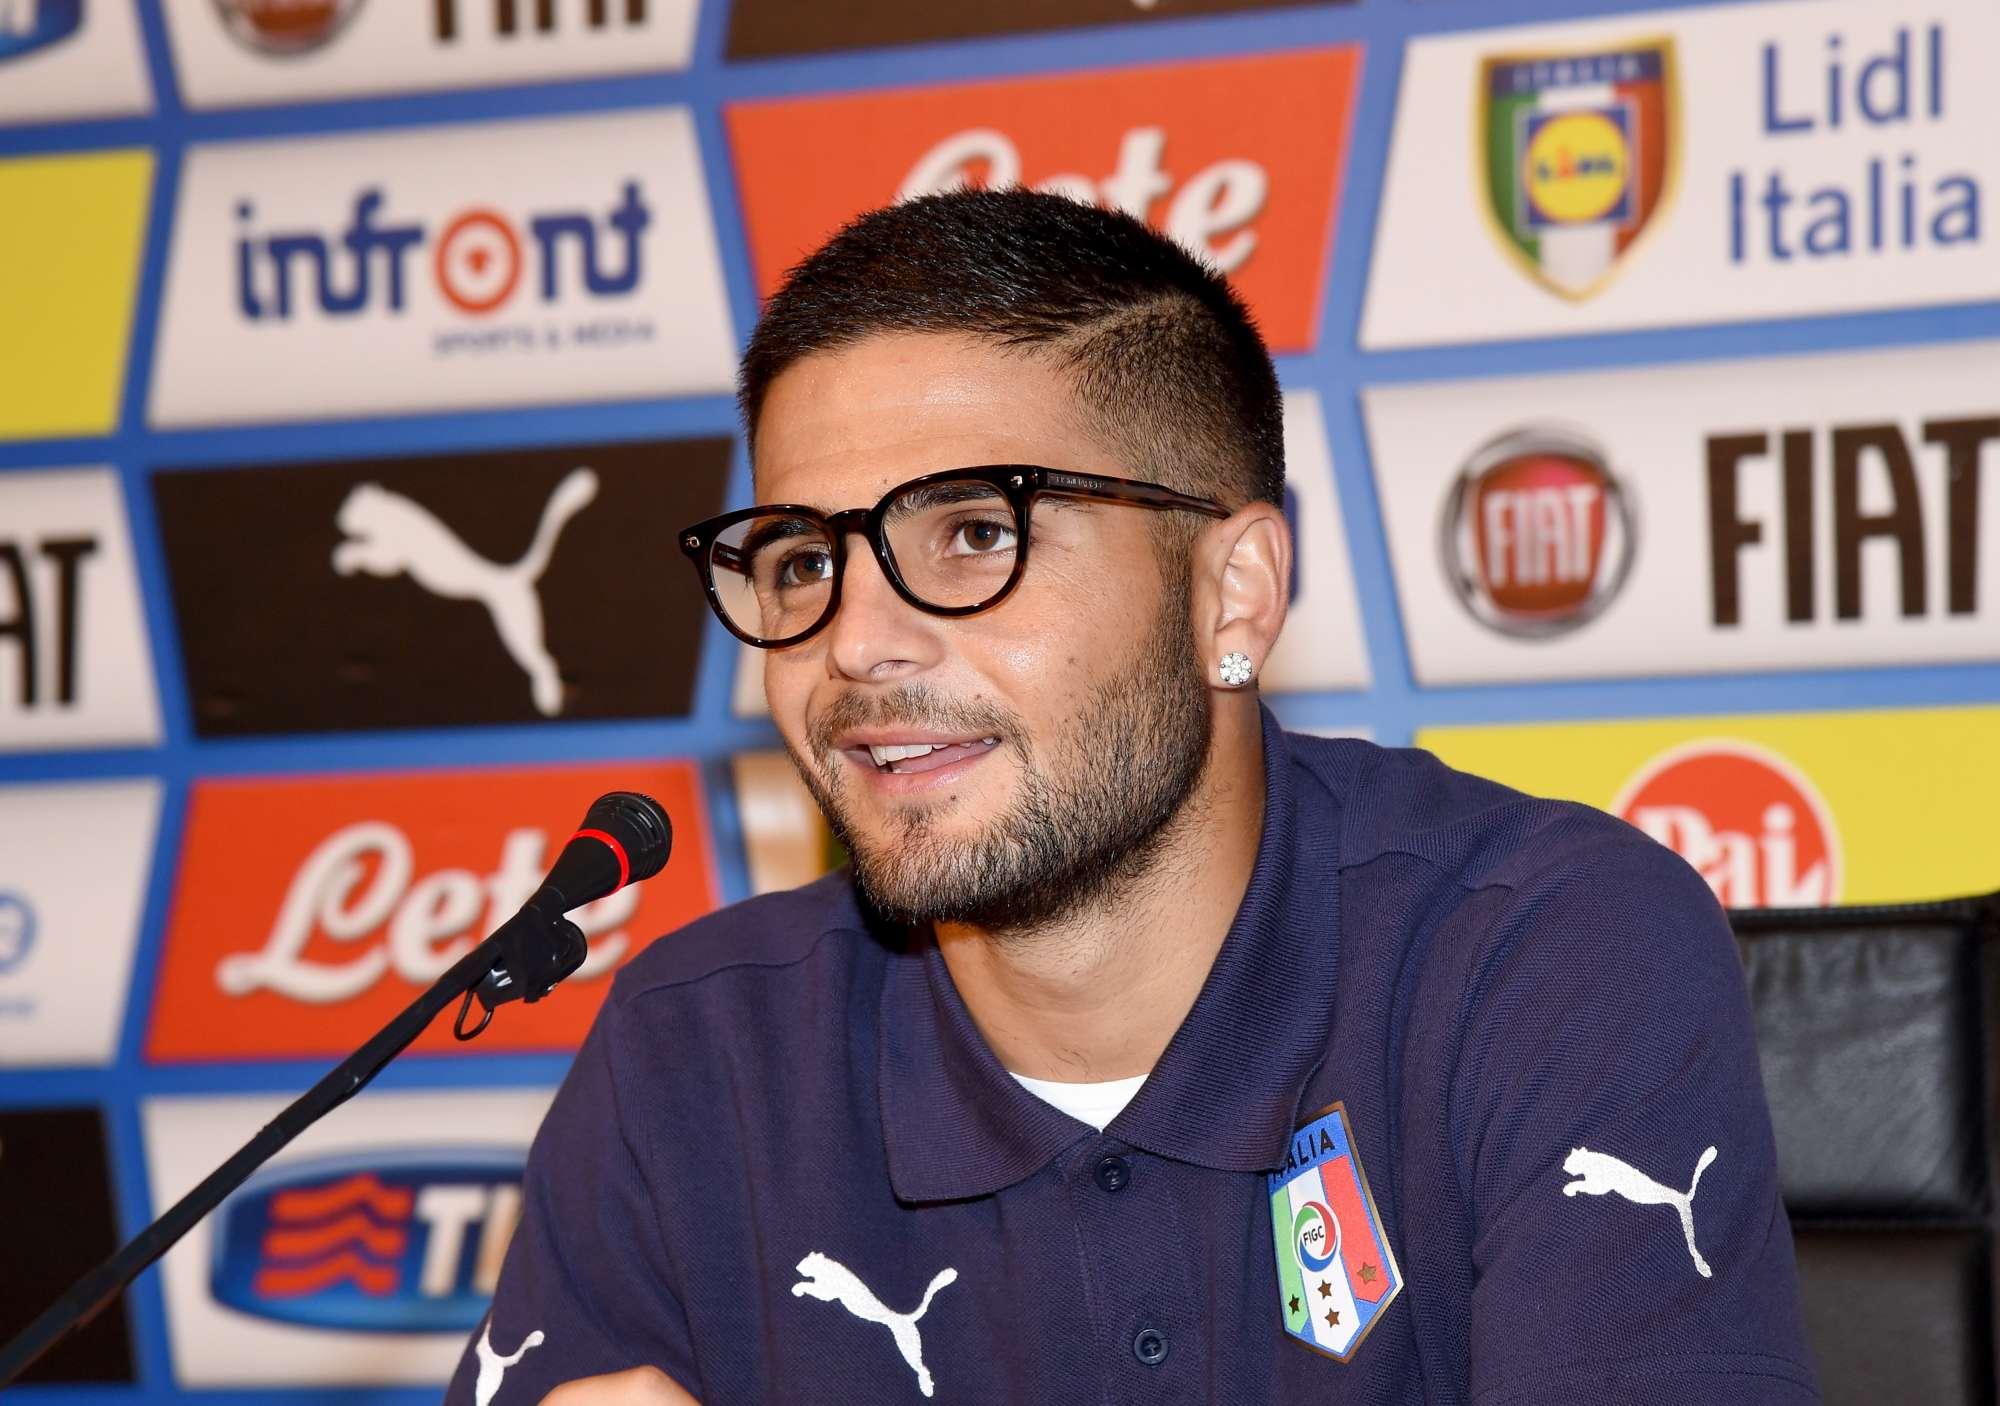 Lorenzo Insigne nella conferenza stampa a Coverciano, con la maglia dell'Italia